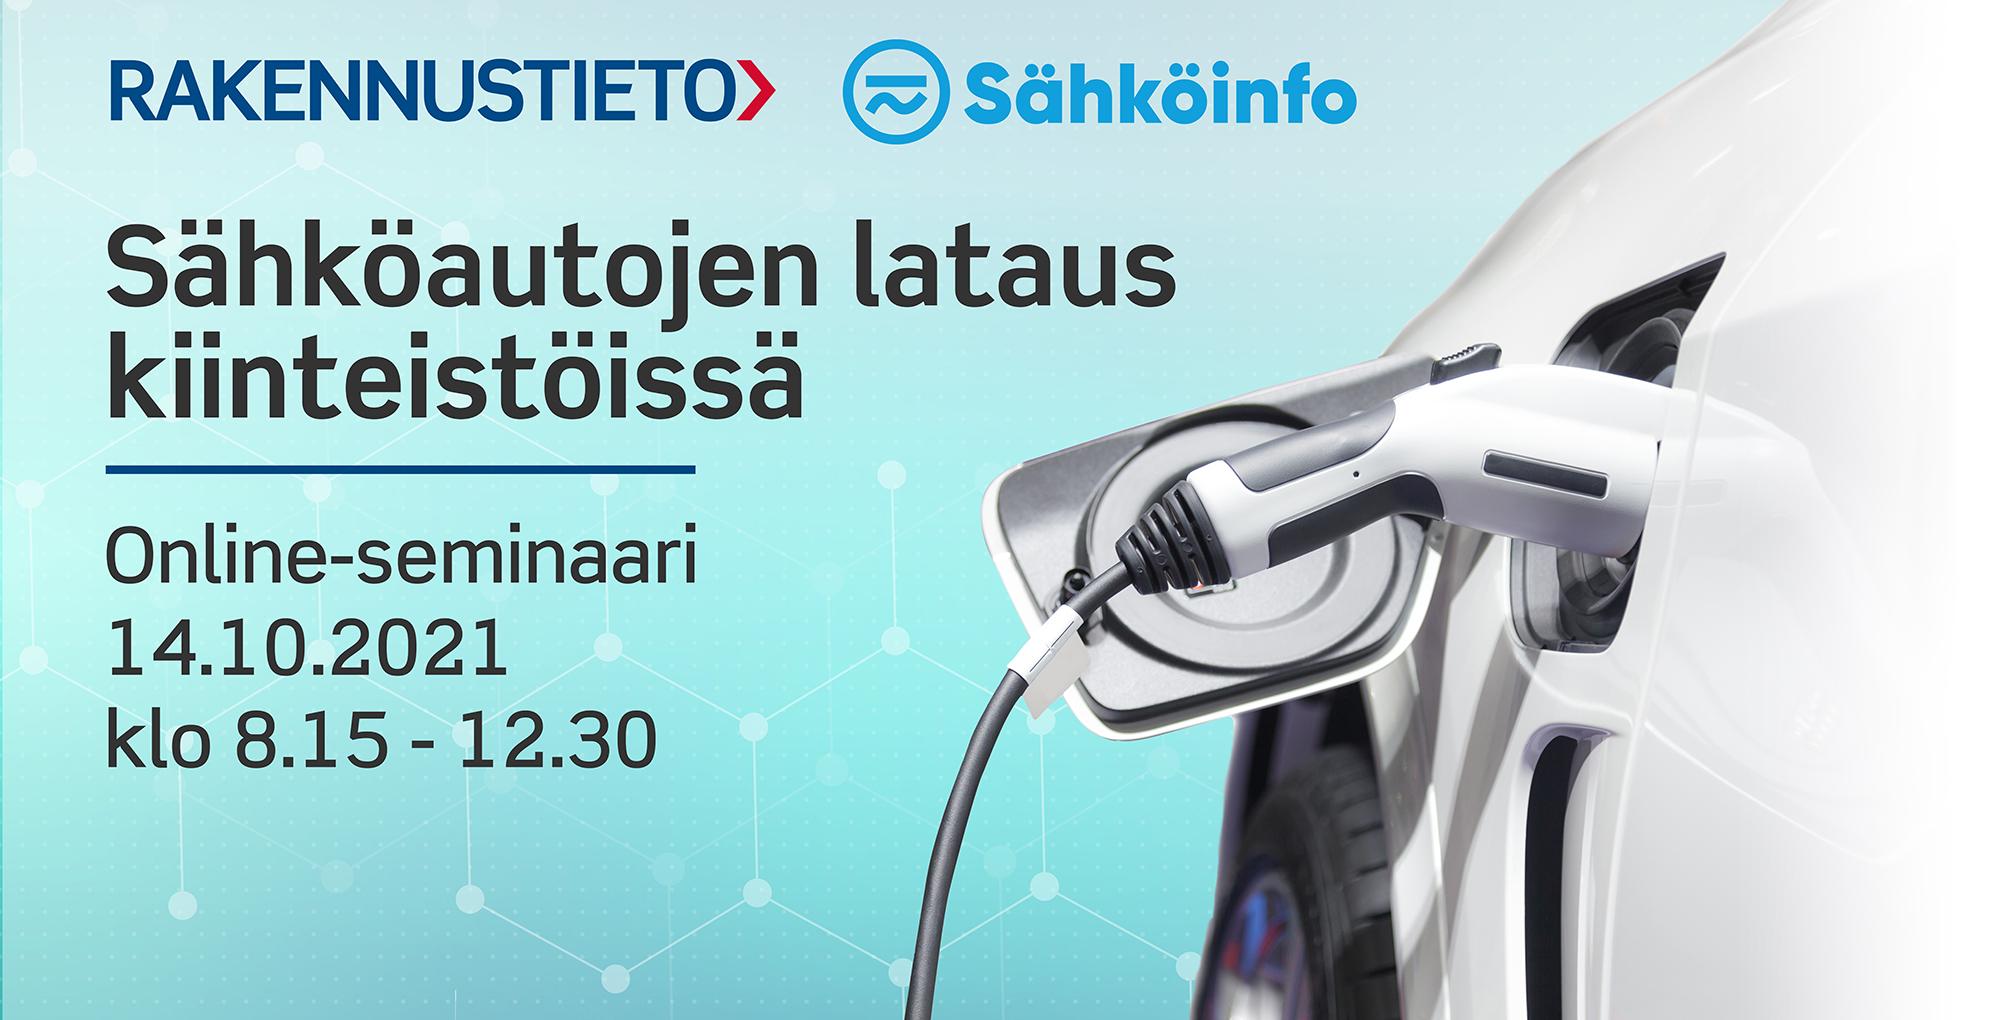 Sähköautojen latauspisteet kiinteistöissä 14.10.